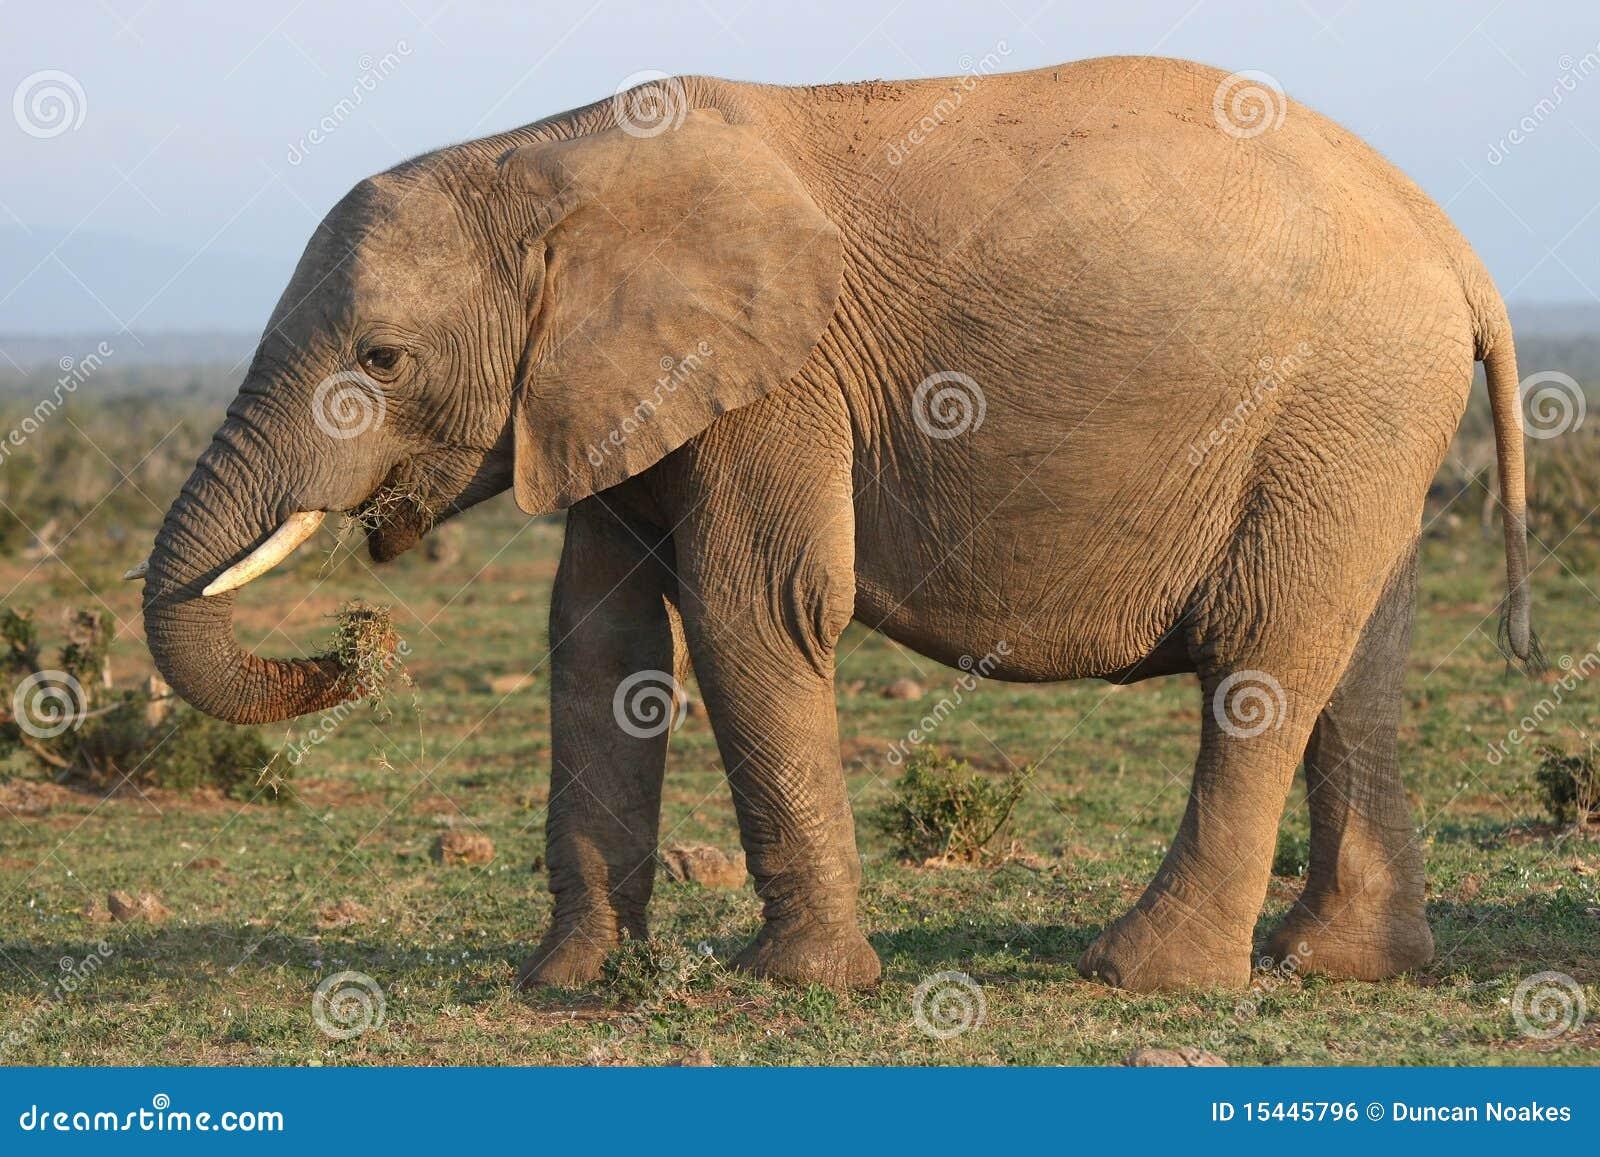 非洲吃大象草停下了的s树干.图片